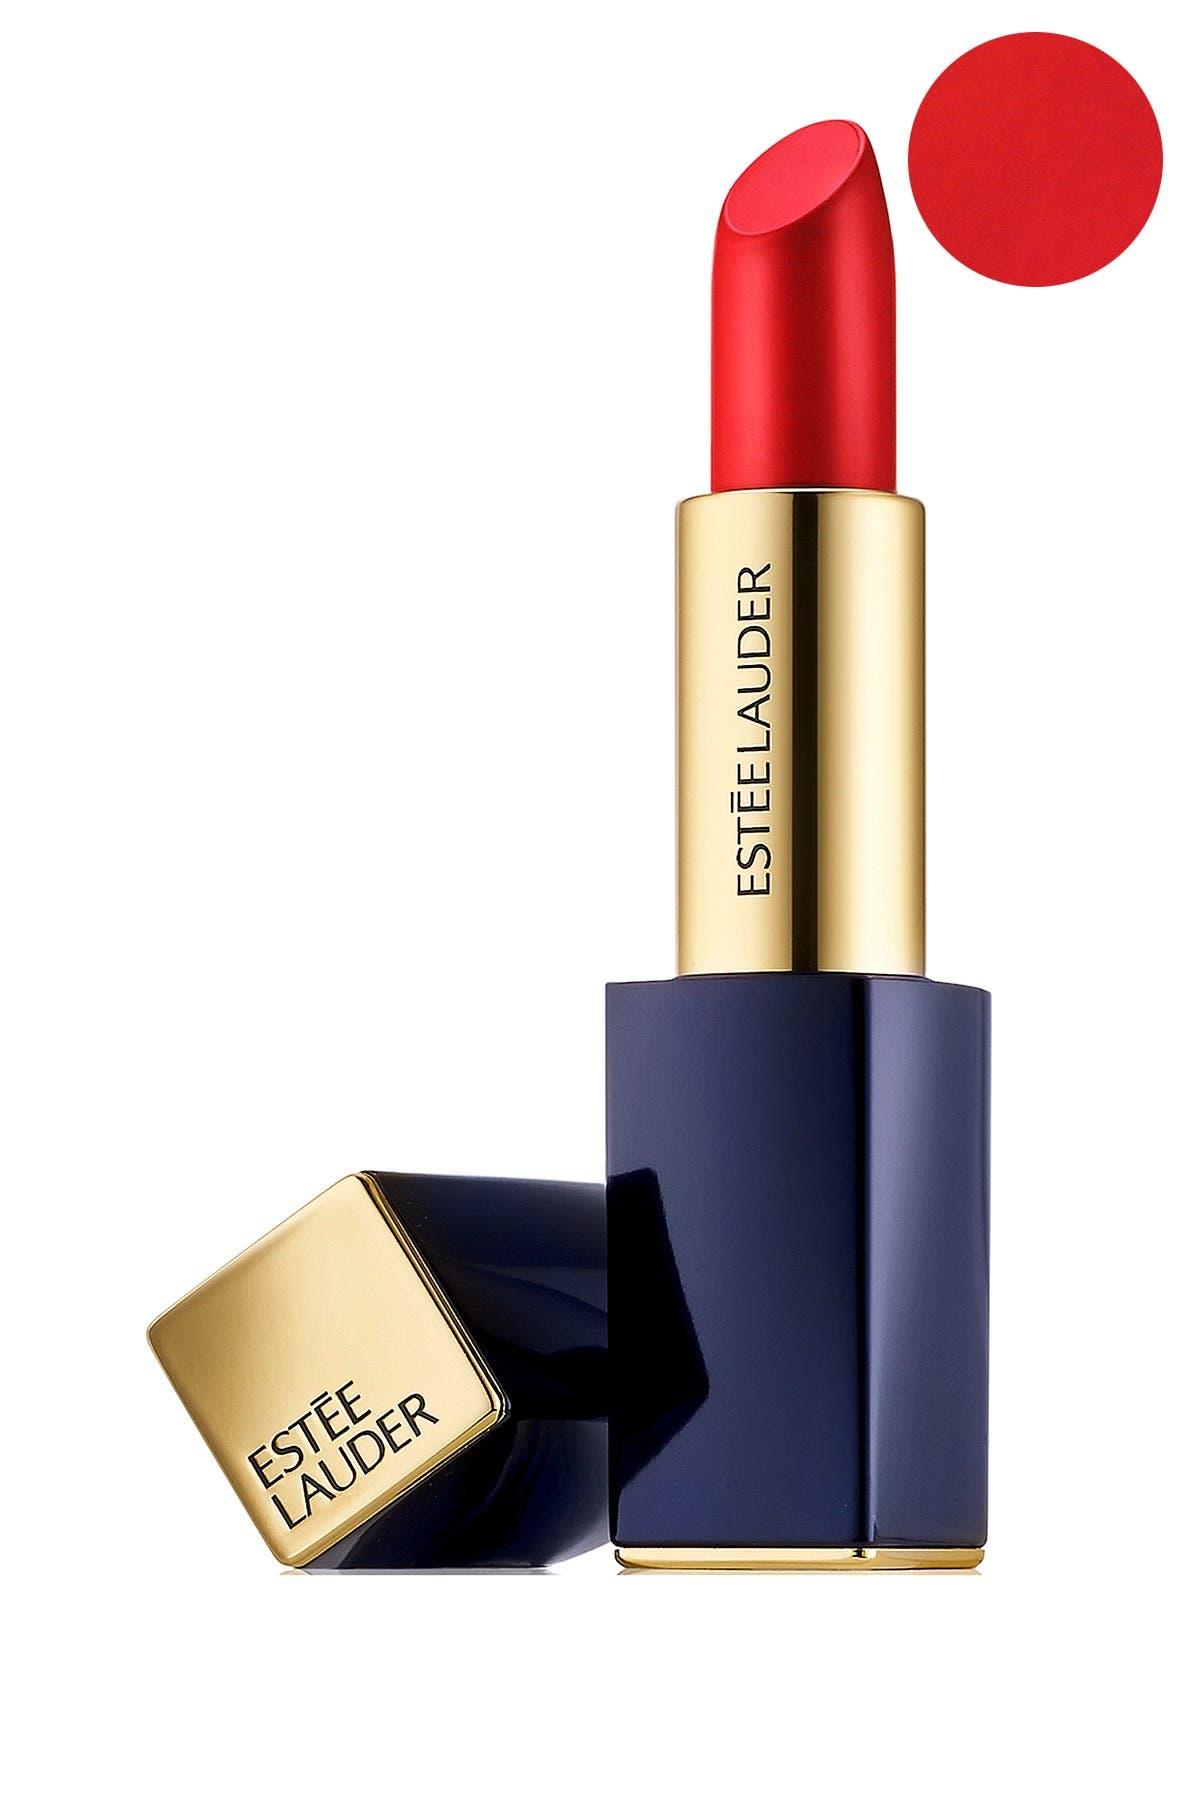 Image of Estee Lauder Pure Color Envy Sculpting Lipstick